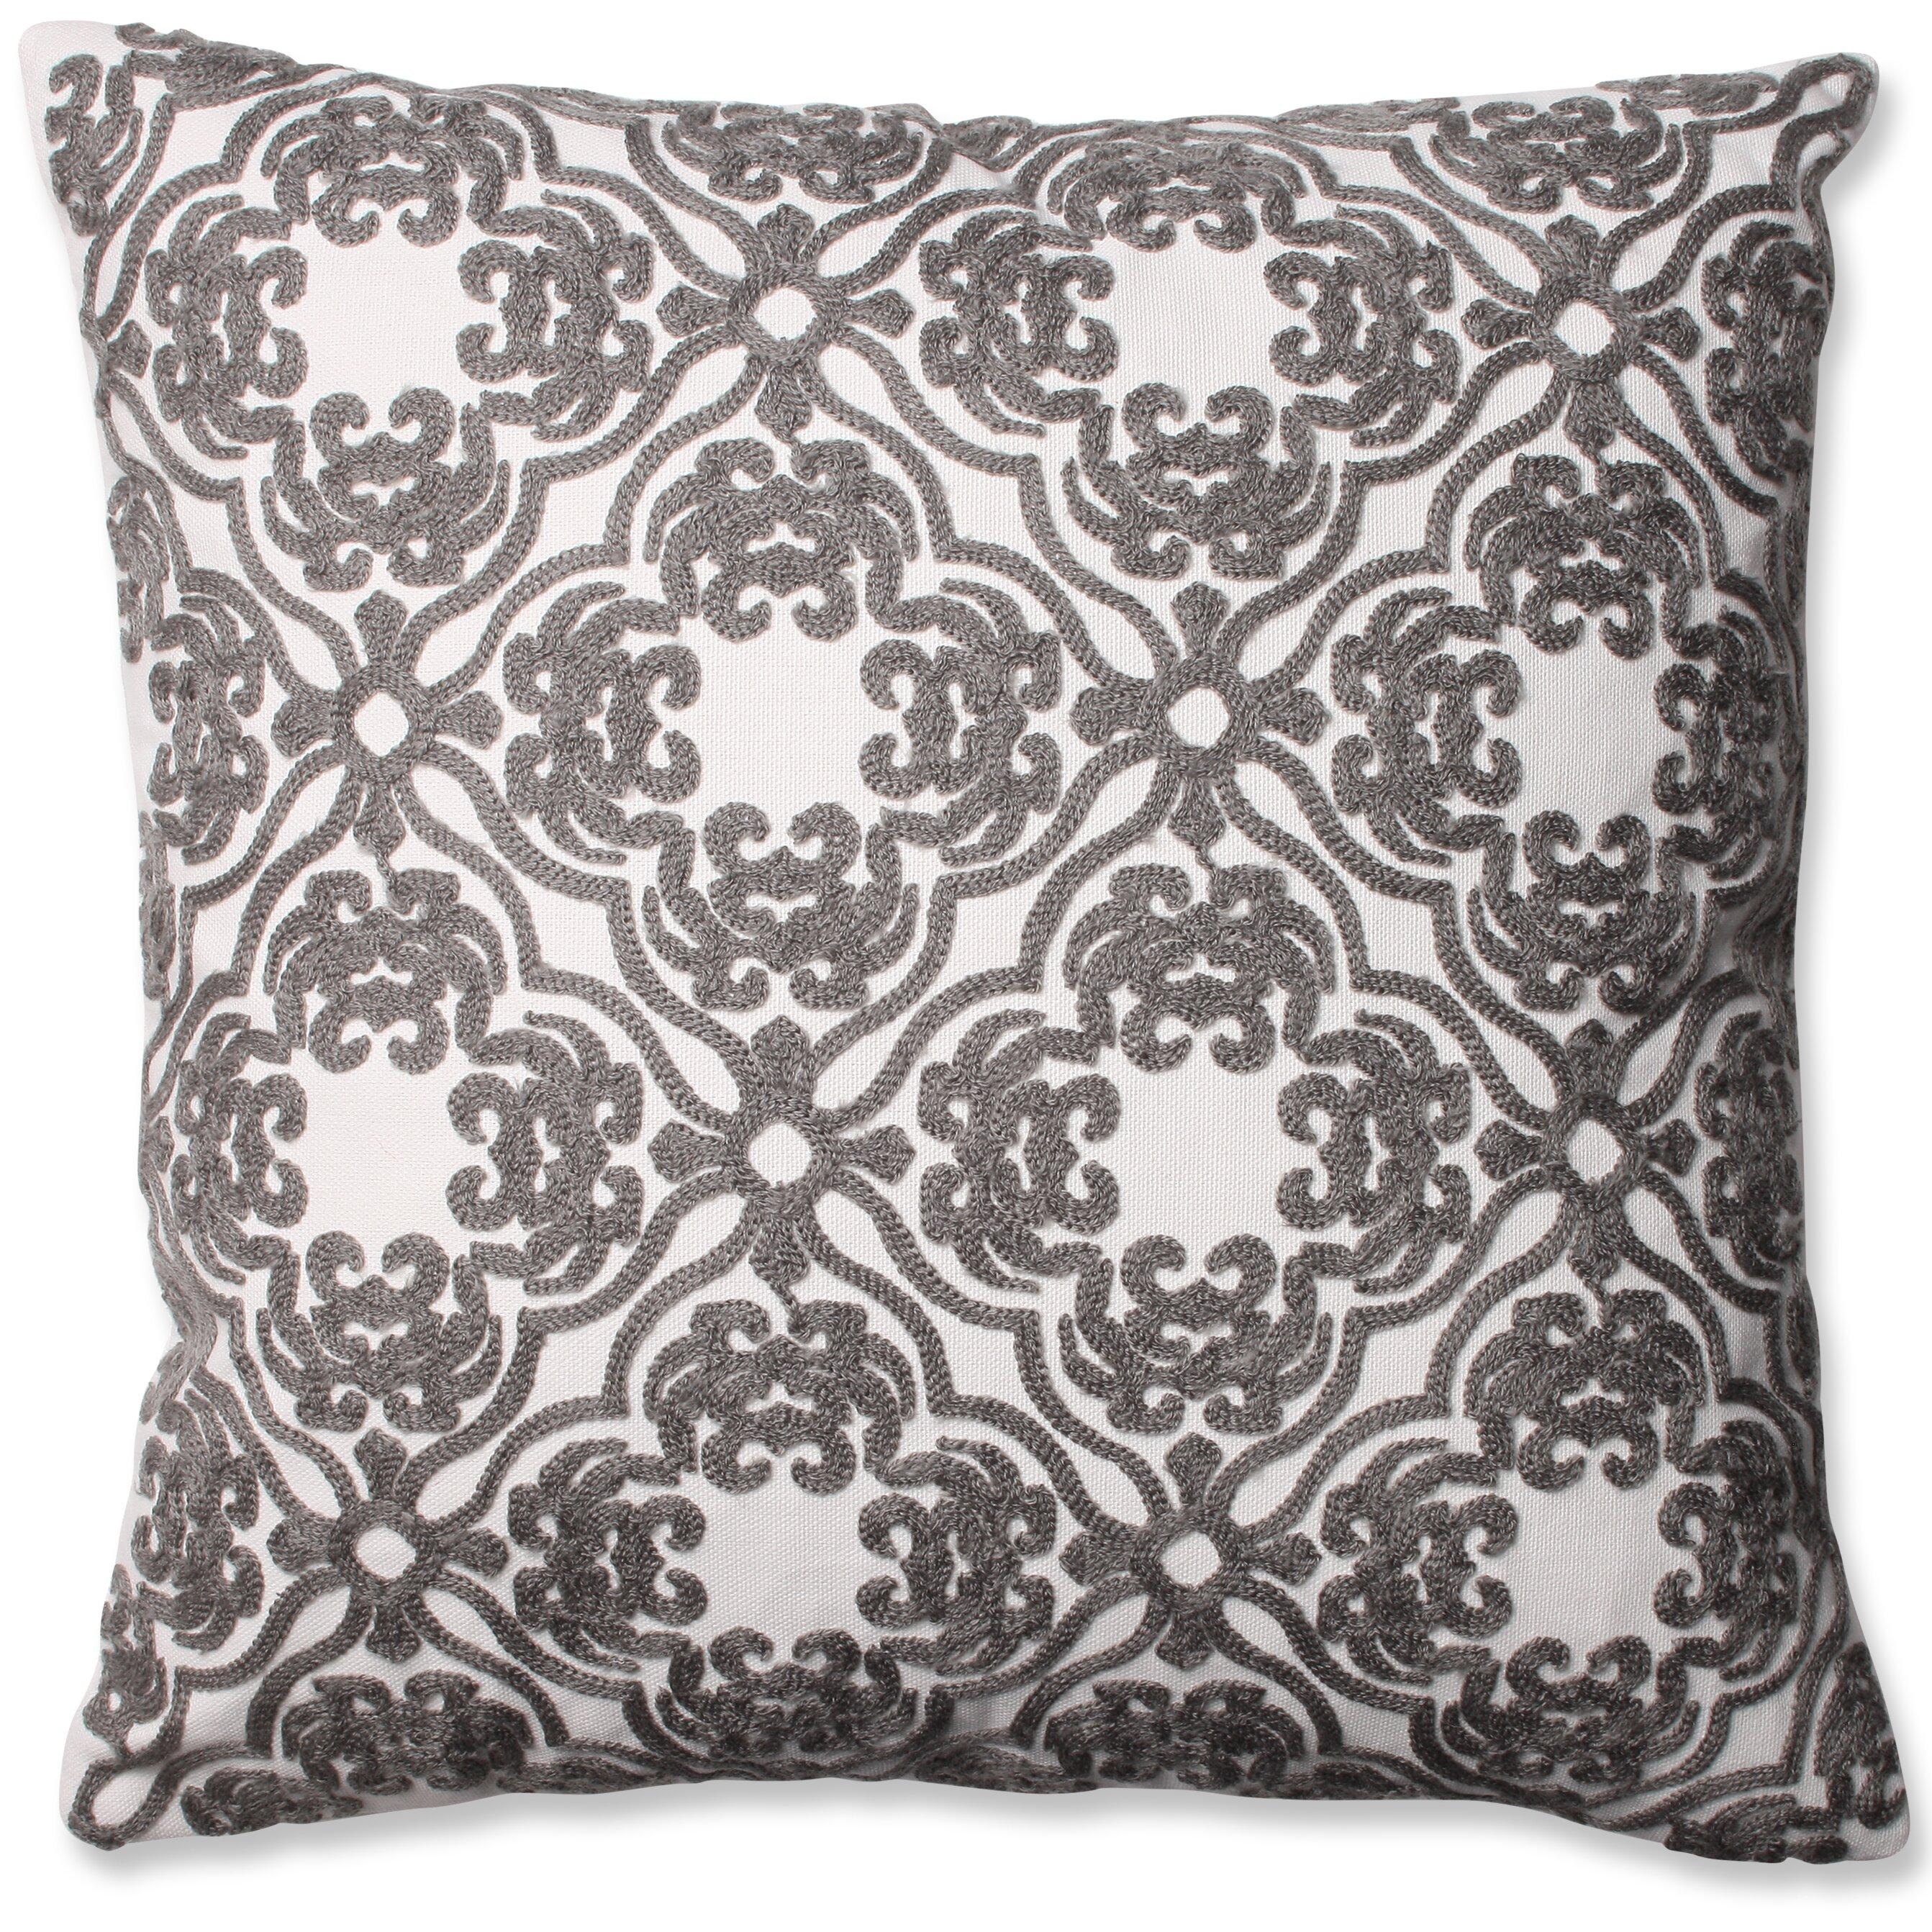 Throw Pillows Damask : Pillow Perfect Damask Cotton Throw Pillow & Reviews Wayfair